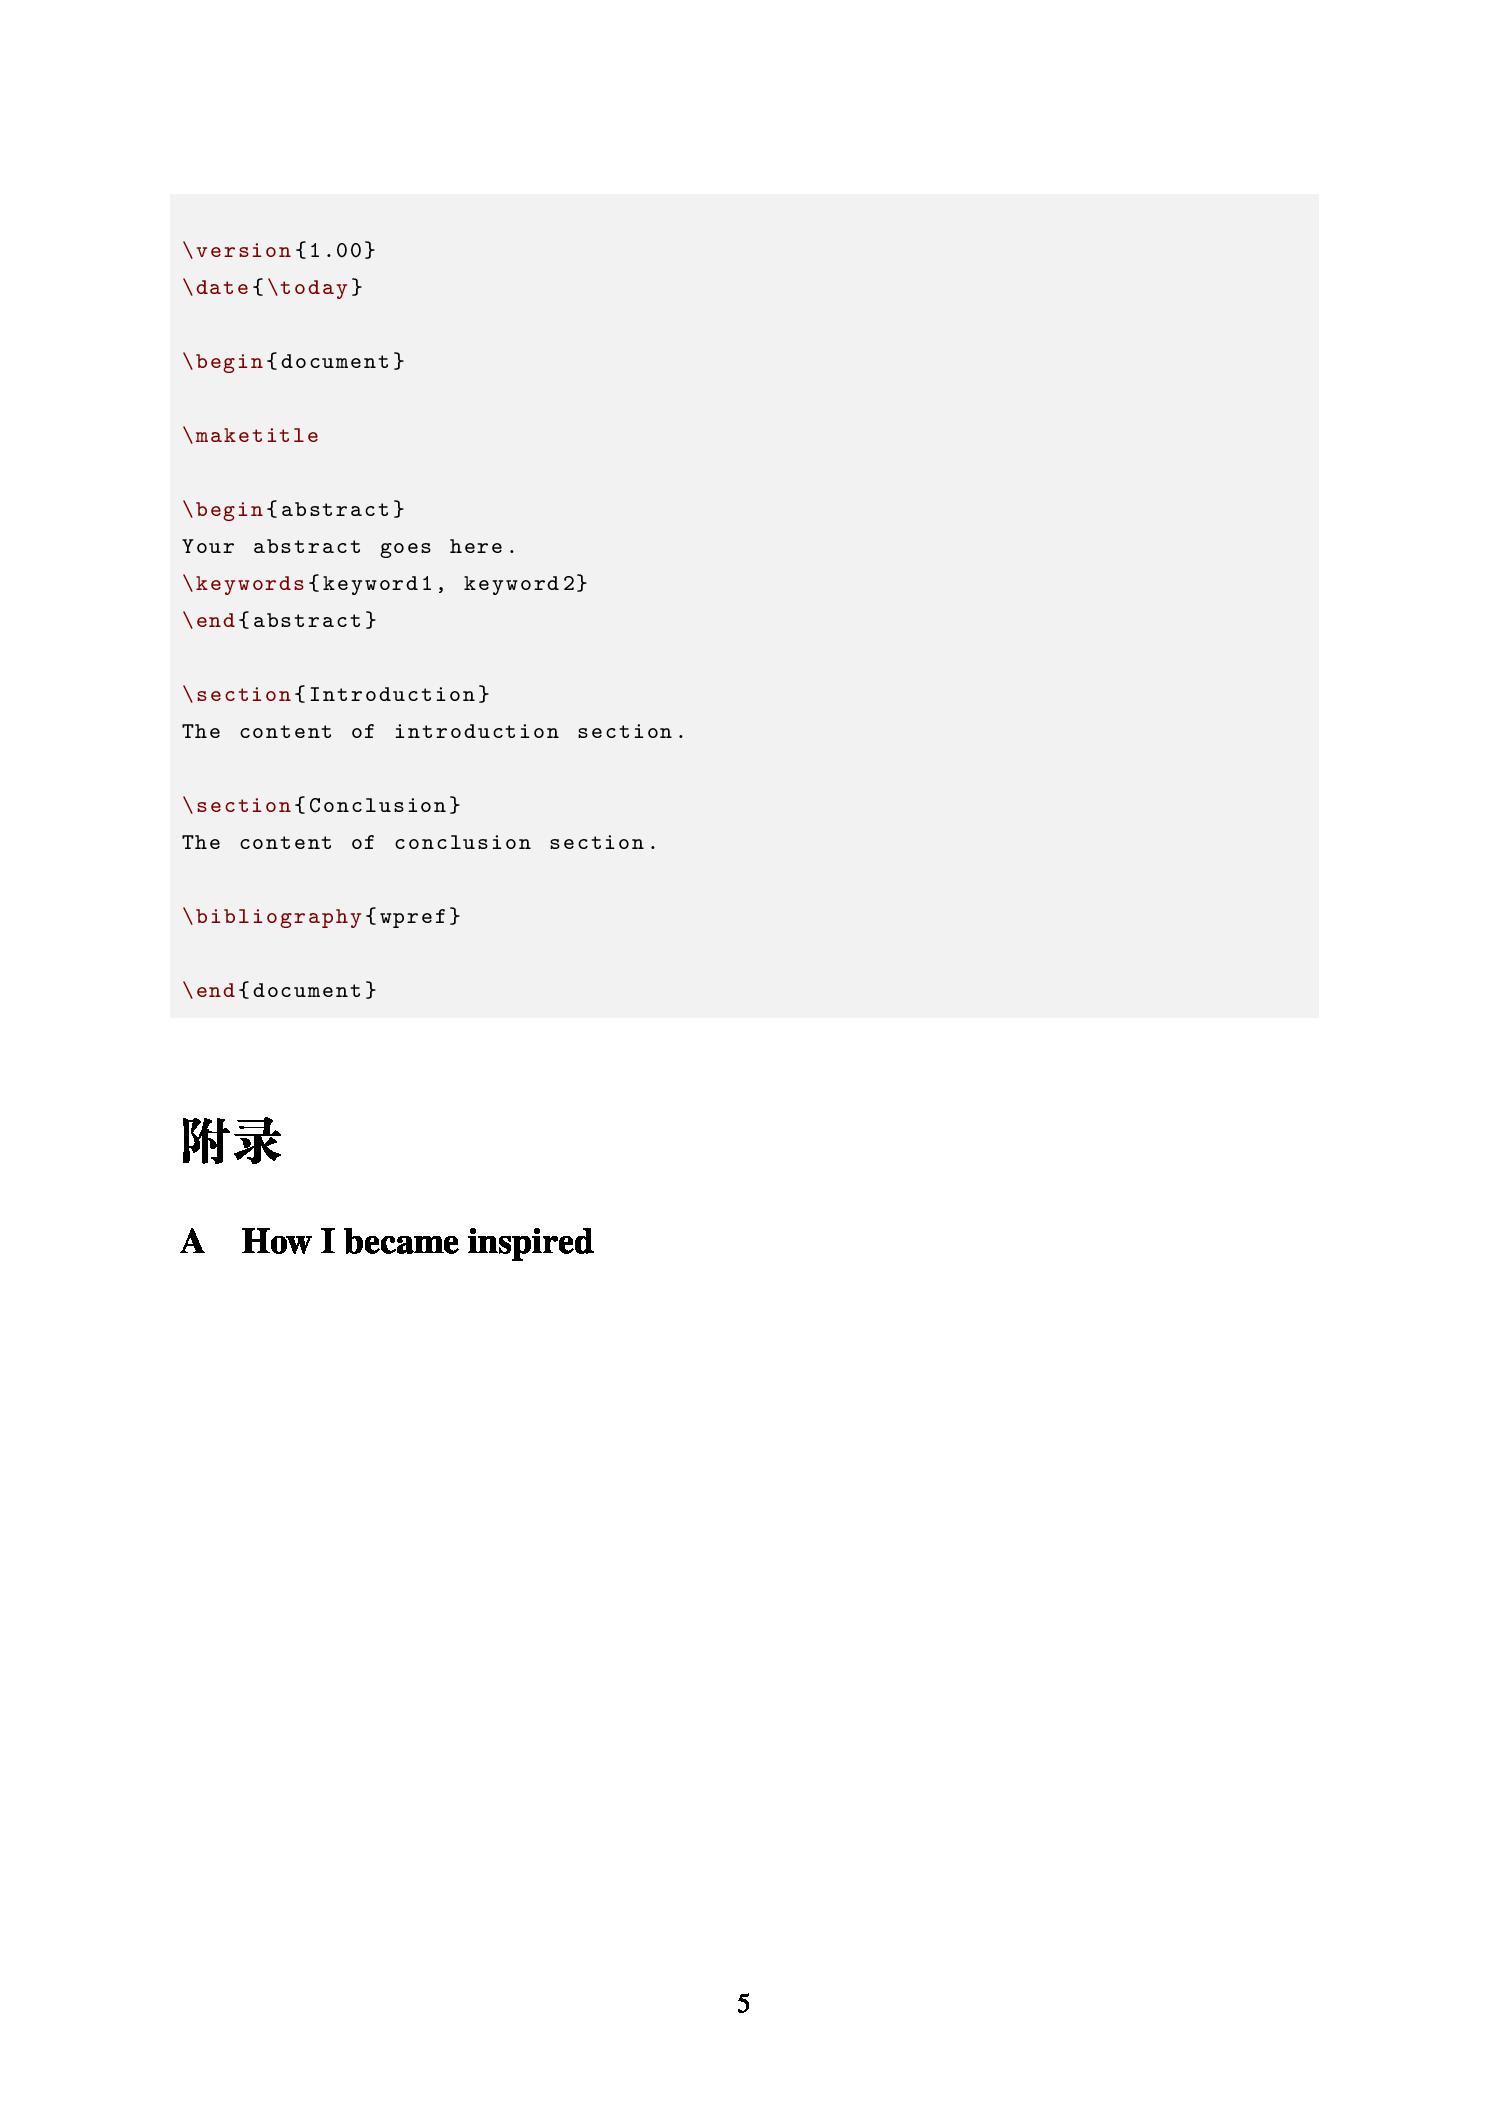 一個優美的 LaTeX 工作論文模板